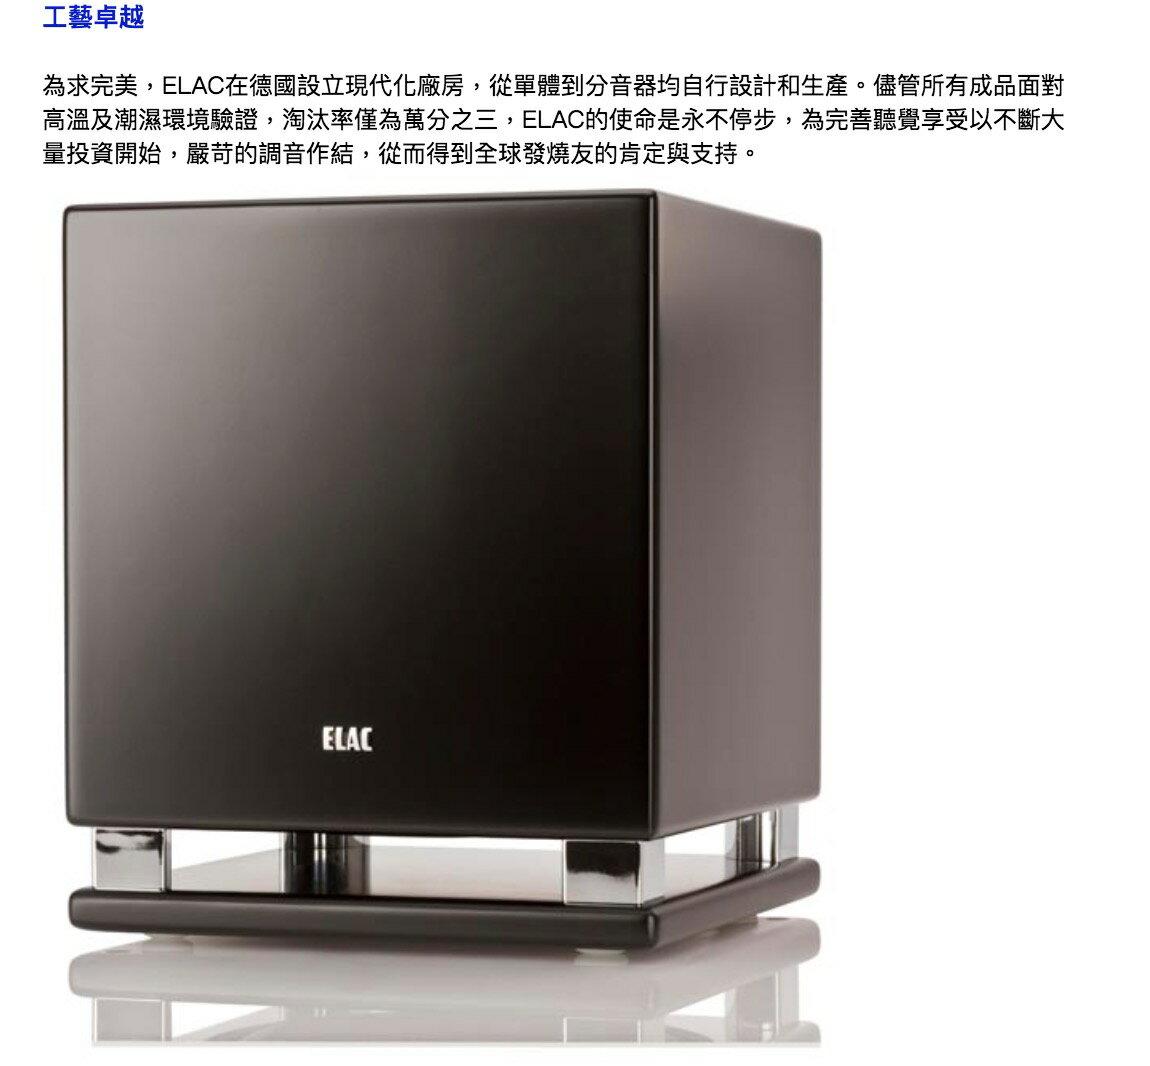 【金曲音響】ELAC SUB 2030超低音喇叭